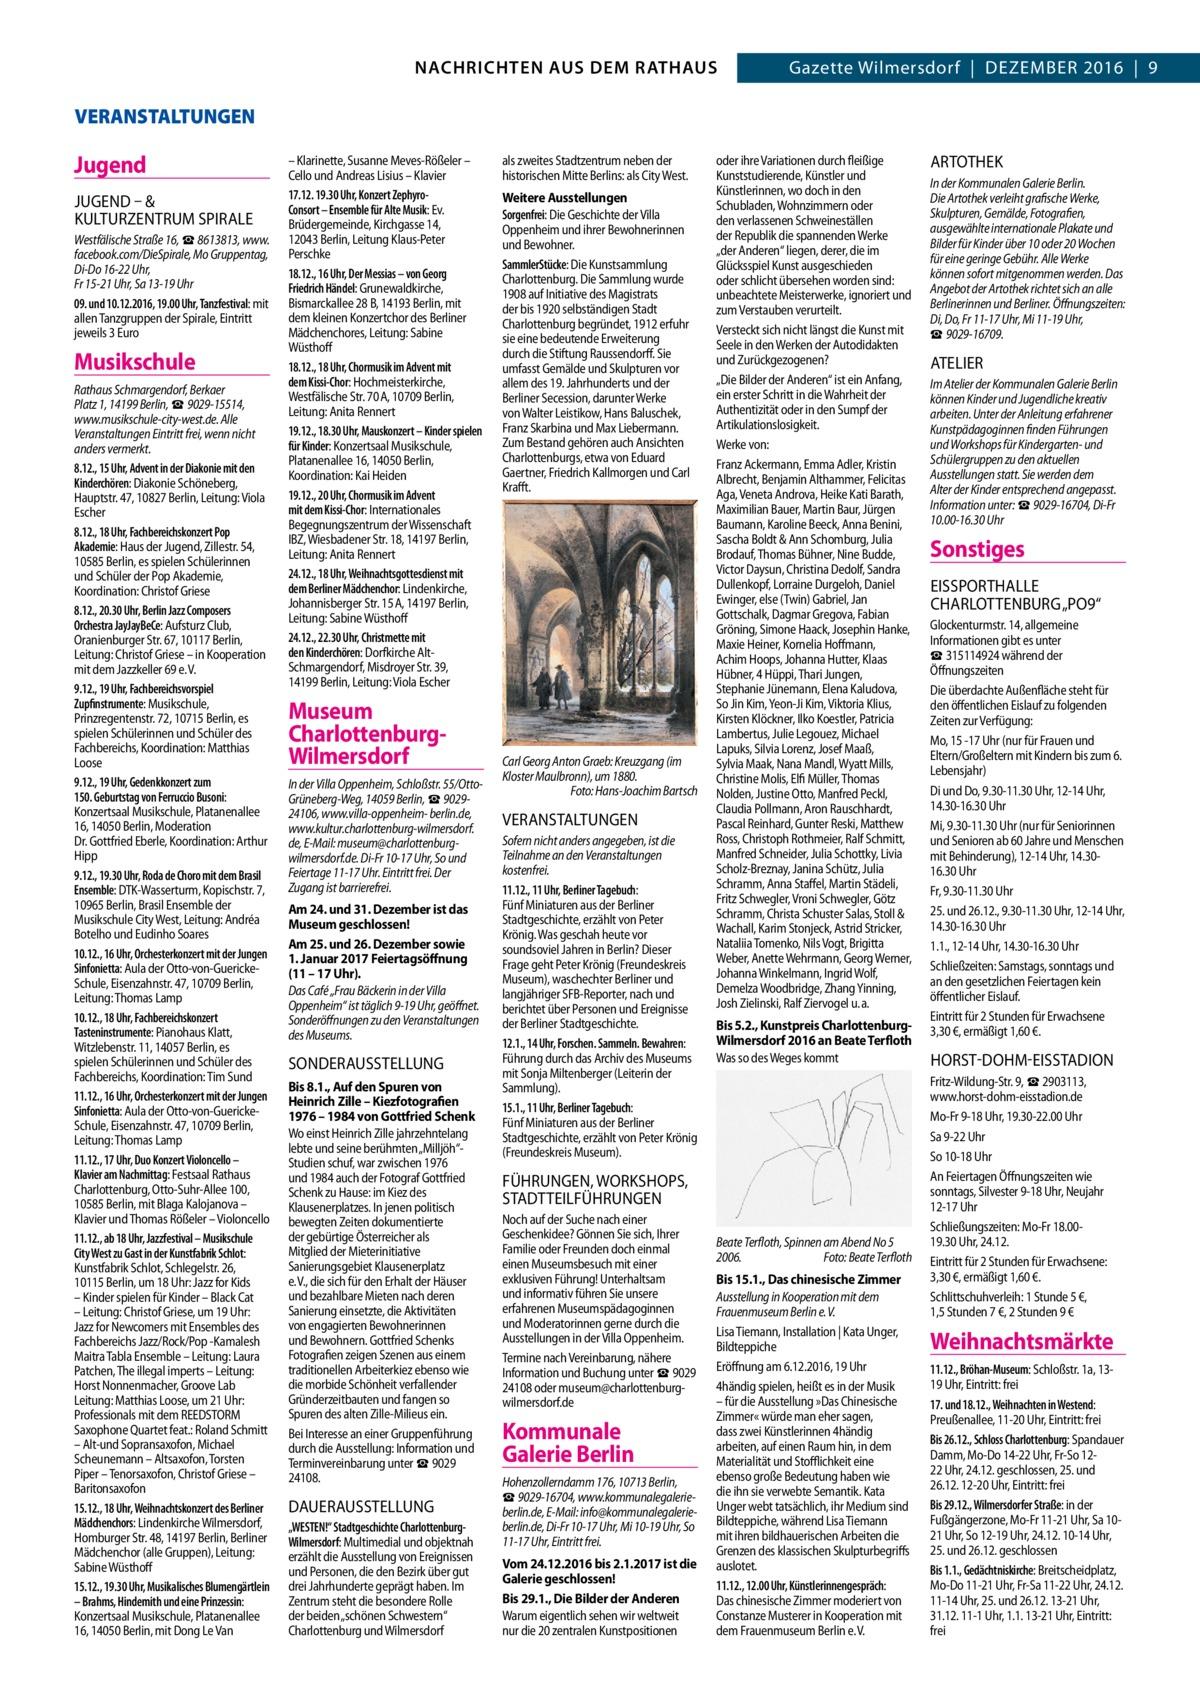 GAZETTE Wilmersdorf 12/16  NACHRICHTEN AUS RATHAUS 3 NACHRICHTEN AUS DEM DEM RATHAUS Gazette Wilmersdorf|Dezember 2016|9  VERANSTALTUNGEN  Jugend JUGeND – & KULTUrzeNTrUm SPIrALe Westfälische Straße16, ☎8613813, www. facebook.com/DieSpirale, MoGruppentag, Di-Do 16-22Uhr, Fr 15-21Uhr, Sa 13-19Uhr 09. und 10.12.2016, 19.00Uhr, Tanzfestival: mit allen Tanzgruppen der Spirale, Eintritt jeweils 3Euro  Musikschule Rathaus Schmargendorf, Berkaer Platz 1, 14199Berlin, ☎9029-15514, www.musikschule-city-west.de. Alle Veranstaltungen Eintritt frei, wenn nicht anders vermerkt. 8.12., 15Uhr, Advent in der Diakonie mit den Kinderchören: Diakonie Schöneberg, Hauptstr.47, 10827Berlin, Leitung: Viola Escher 8.12., 18Uhr, Fachbereichskonzert Pop Akademie: Haus der Jugend, Zillestr.54, 10585Berlin, es spielen Schülerinnen und Schüler der Pop Akademie, Koordination: Christof Griese 8.12., 20.30Uhr, Berlin Jazz Composers Orchestra JayJayBeCe: Aufsturz Club, Oranienburger Str.67, 10117Berlin, Leitung: Christof Griese – in Kooperation mit dem Jazzkeller 69 e. V. 9.12., 19Uhr, Fachbereichsvorspiel Zupfinstrumente: Musikschule, Prinzregentenstr.72, 10715Berlin, es spielen Schülerinnen und Schüler des Fachbereichs, Koordination: Matthias Loose 9.12., 19Uhr, Gedenkkonzert zum 150.Geburtstag von Ferruccio Busoni: Konzertsaal Musikschule, Platanenallee 16, 14050Berlin, Moderation Dr.Gottfried Eberle, Koordination: Arthur Hipp 9.12., 19.30Uhr, Roda de Choro mit dem Brasil Ensemble: DTK-Wasserturm, Kopischstr.7, 10965Berlin, Brasil Ensemble der Musikschule City West, Leitung: Andréa Botelho und Eudinho Soares 10.12., 16Uhr, Orchesterkonzert mit der Jungen Sinfonietta: Aula der Otto-von-GuerickeSchule, Eisenzahnstr.47, 10709Berlin, Leitung: Thomas Lamp 10.12., 18Uhr, Fachbereichskonzert Tasteninstrumente: Pianohaus Klatt, Witzlebenstr.11, 14057Berlin, es spielen Schülerinnen und Schüler des Fachbereichs, Koordination: Tim Sund 11.12., 16Uhr, Orchesterkonzert mit der Jungen Sinfonietta: Aula der Ot